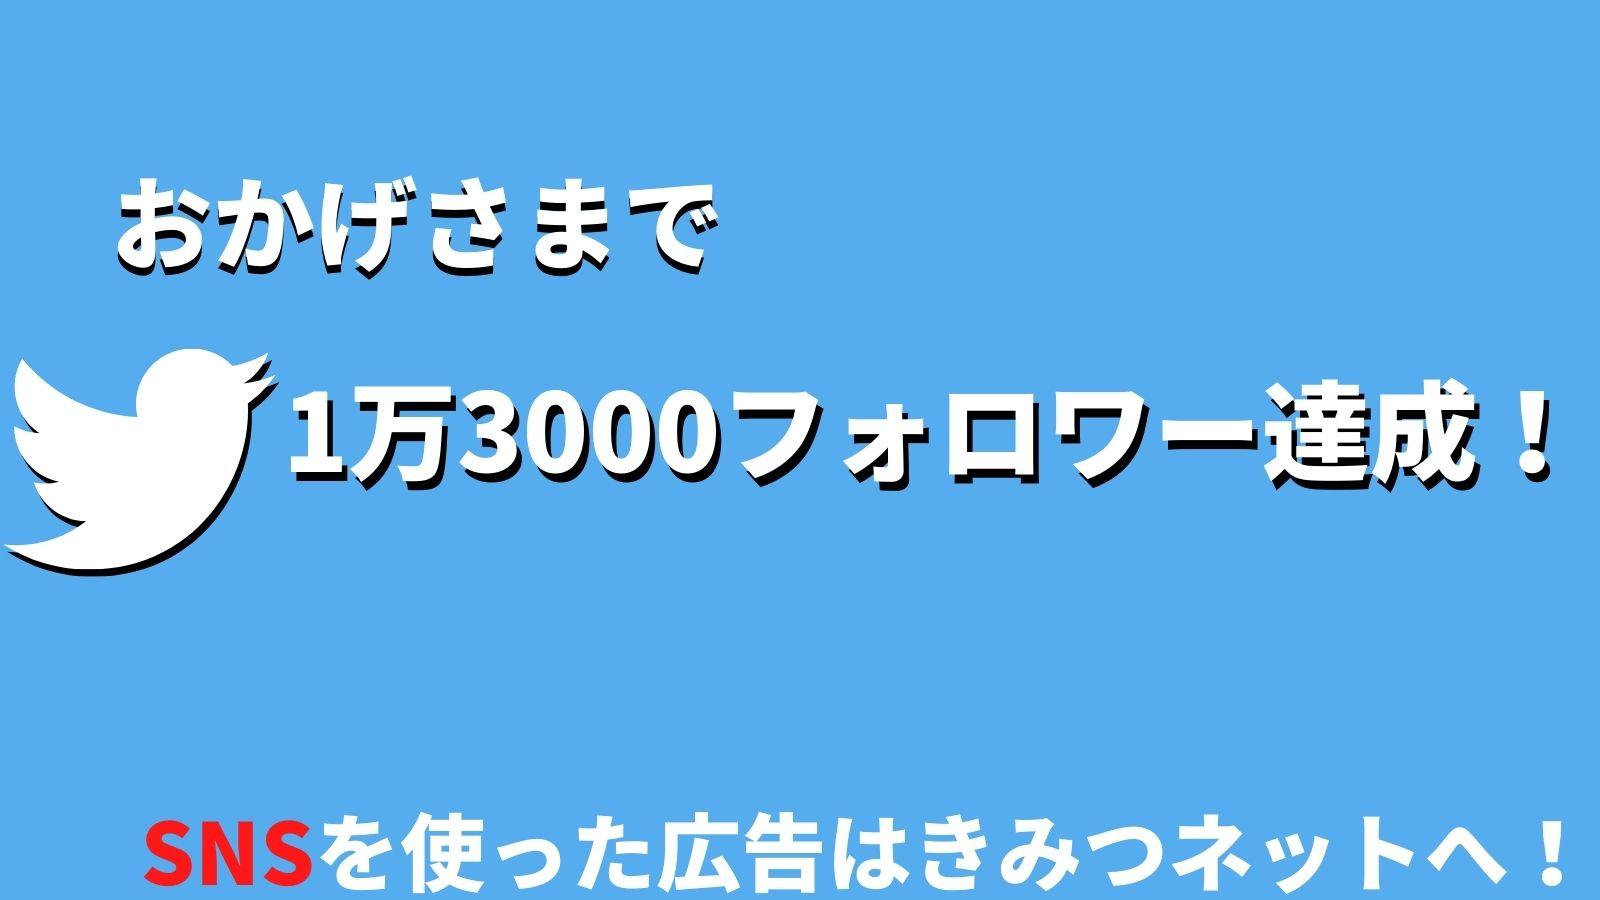 きみつネット1万3千フォロワー達成